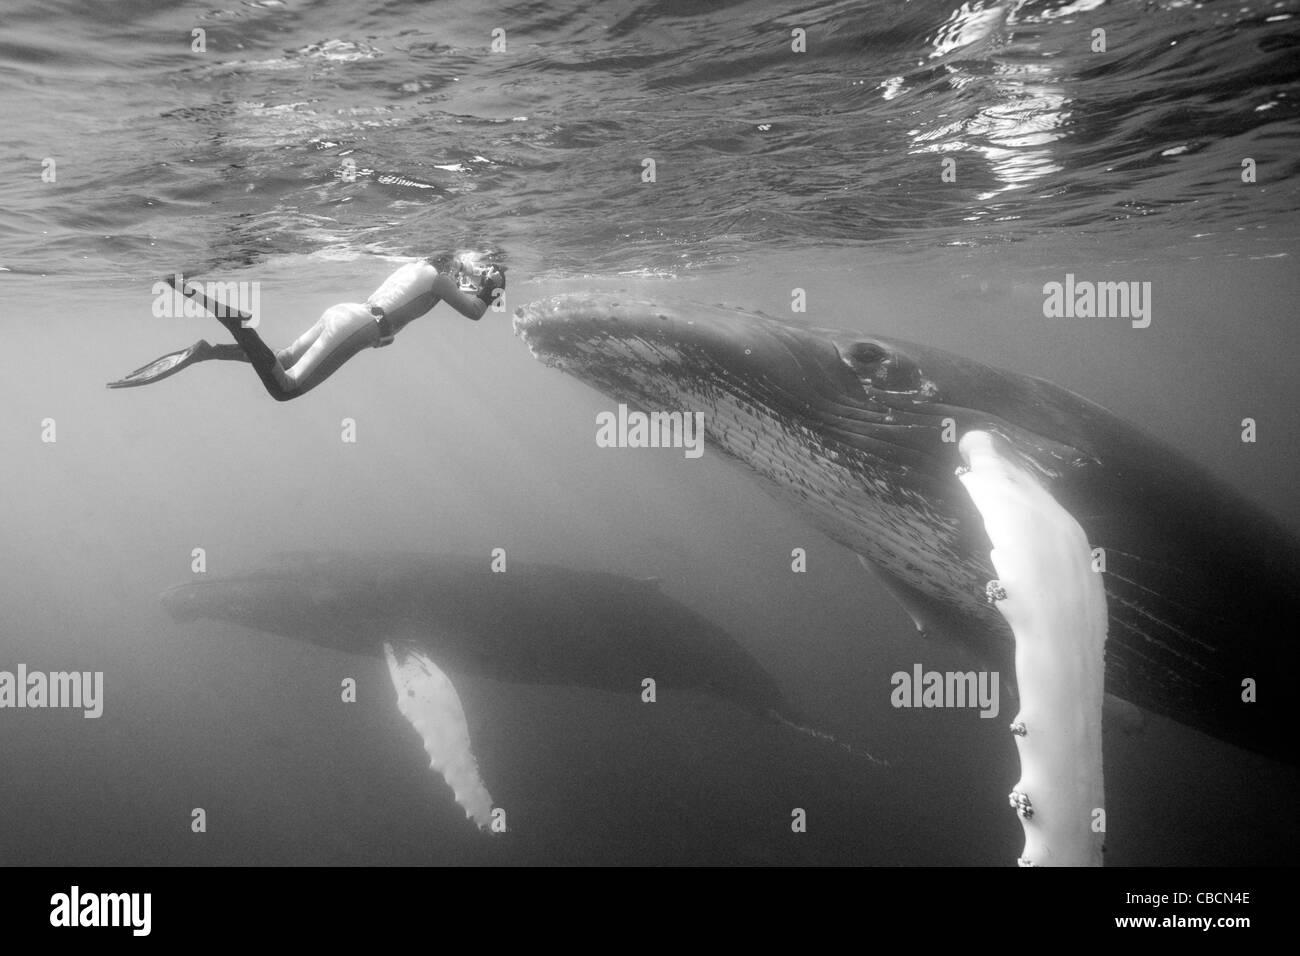 Humpback Whale e fotografo, Megaptera novaeangliae, Banca d'argento, Oceano Atlantico, Repubblica Dominicana Immagini Stock